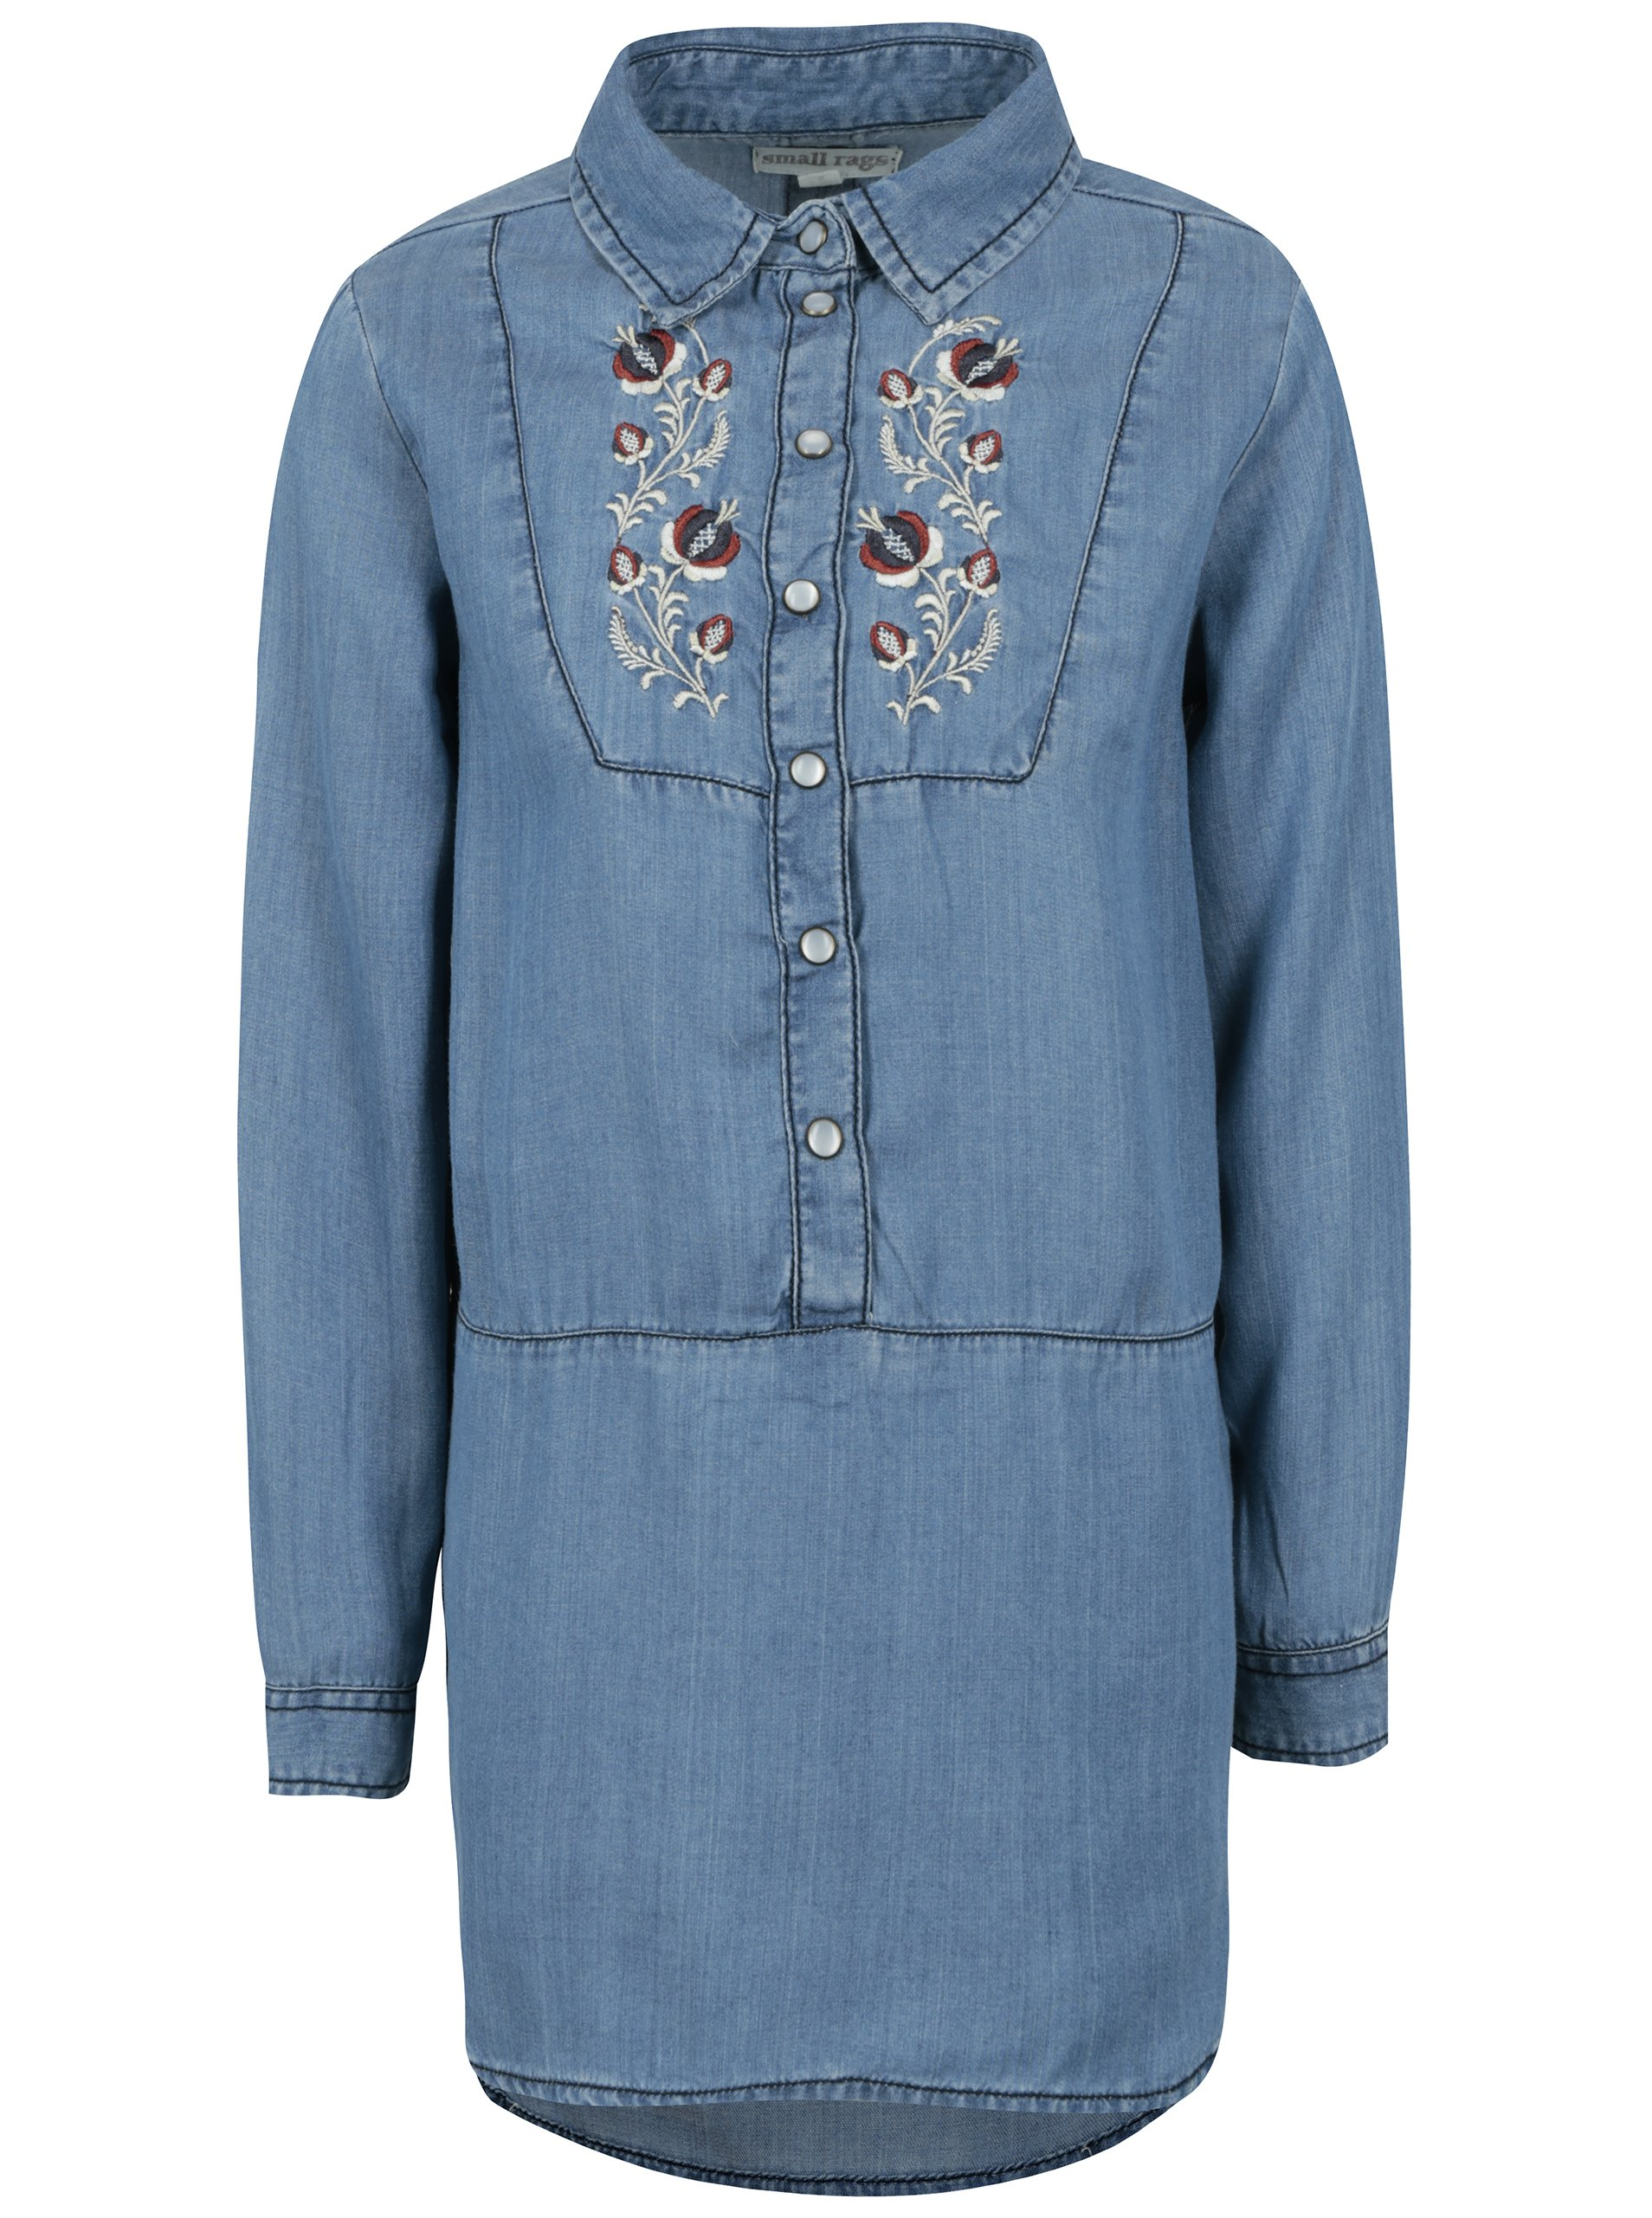 518938632fae Modrá dievčenská dlhá rifľová košeľa s výšivkou small rags Freya ...